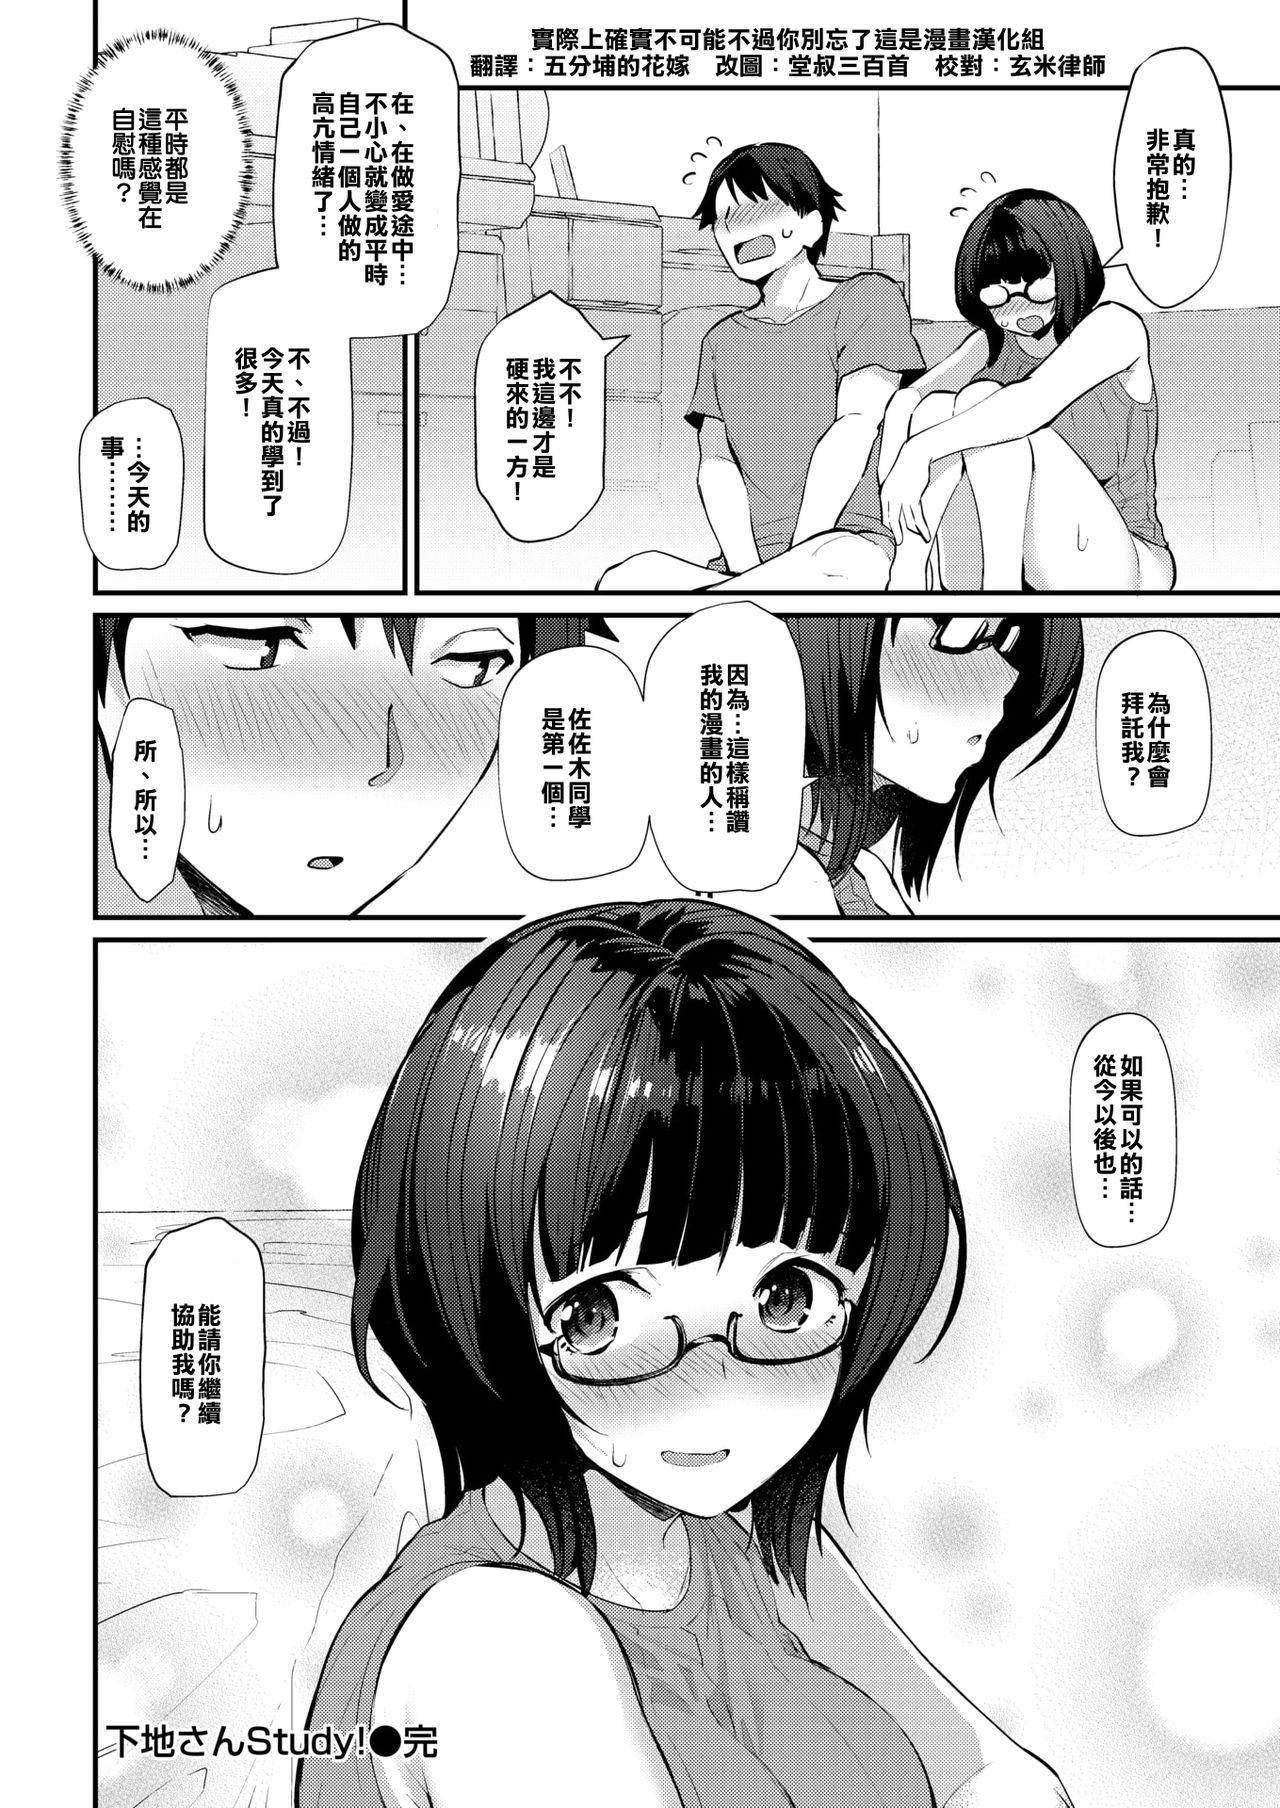 Shimoji-san Study ! 17